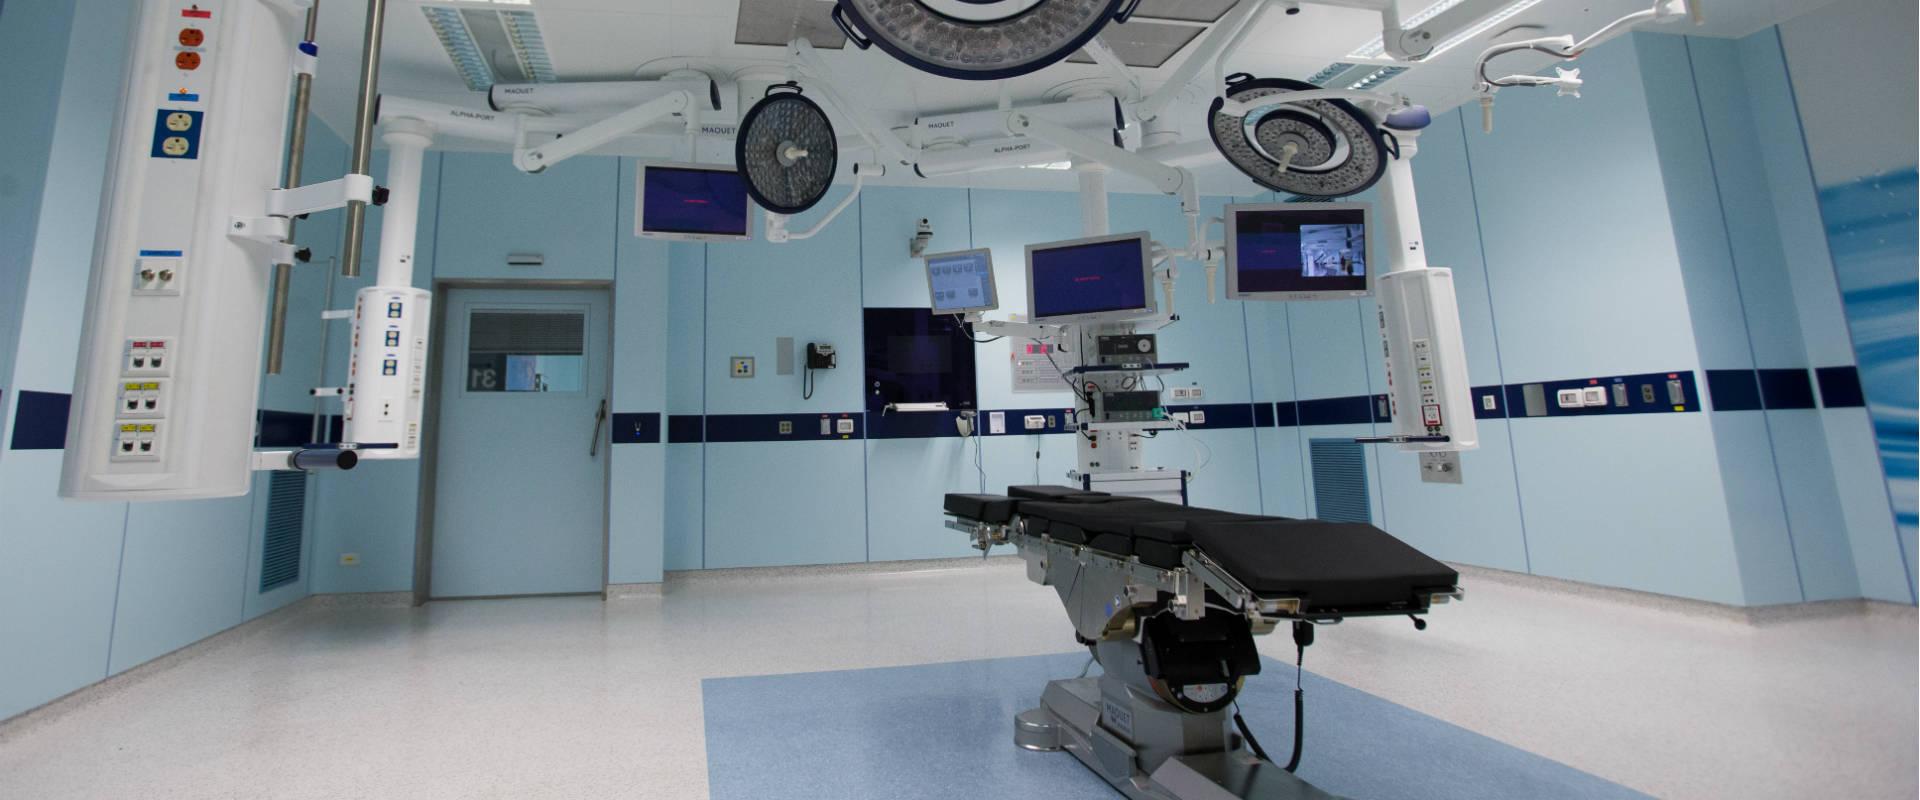 חדר ניתוח, אילוסטרציה